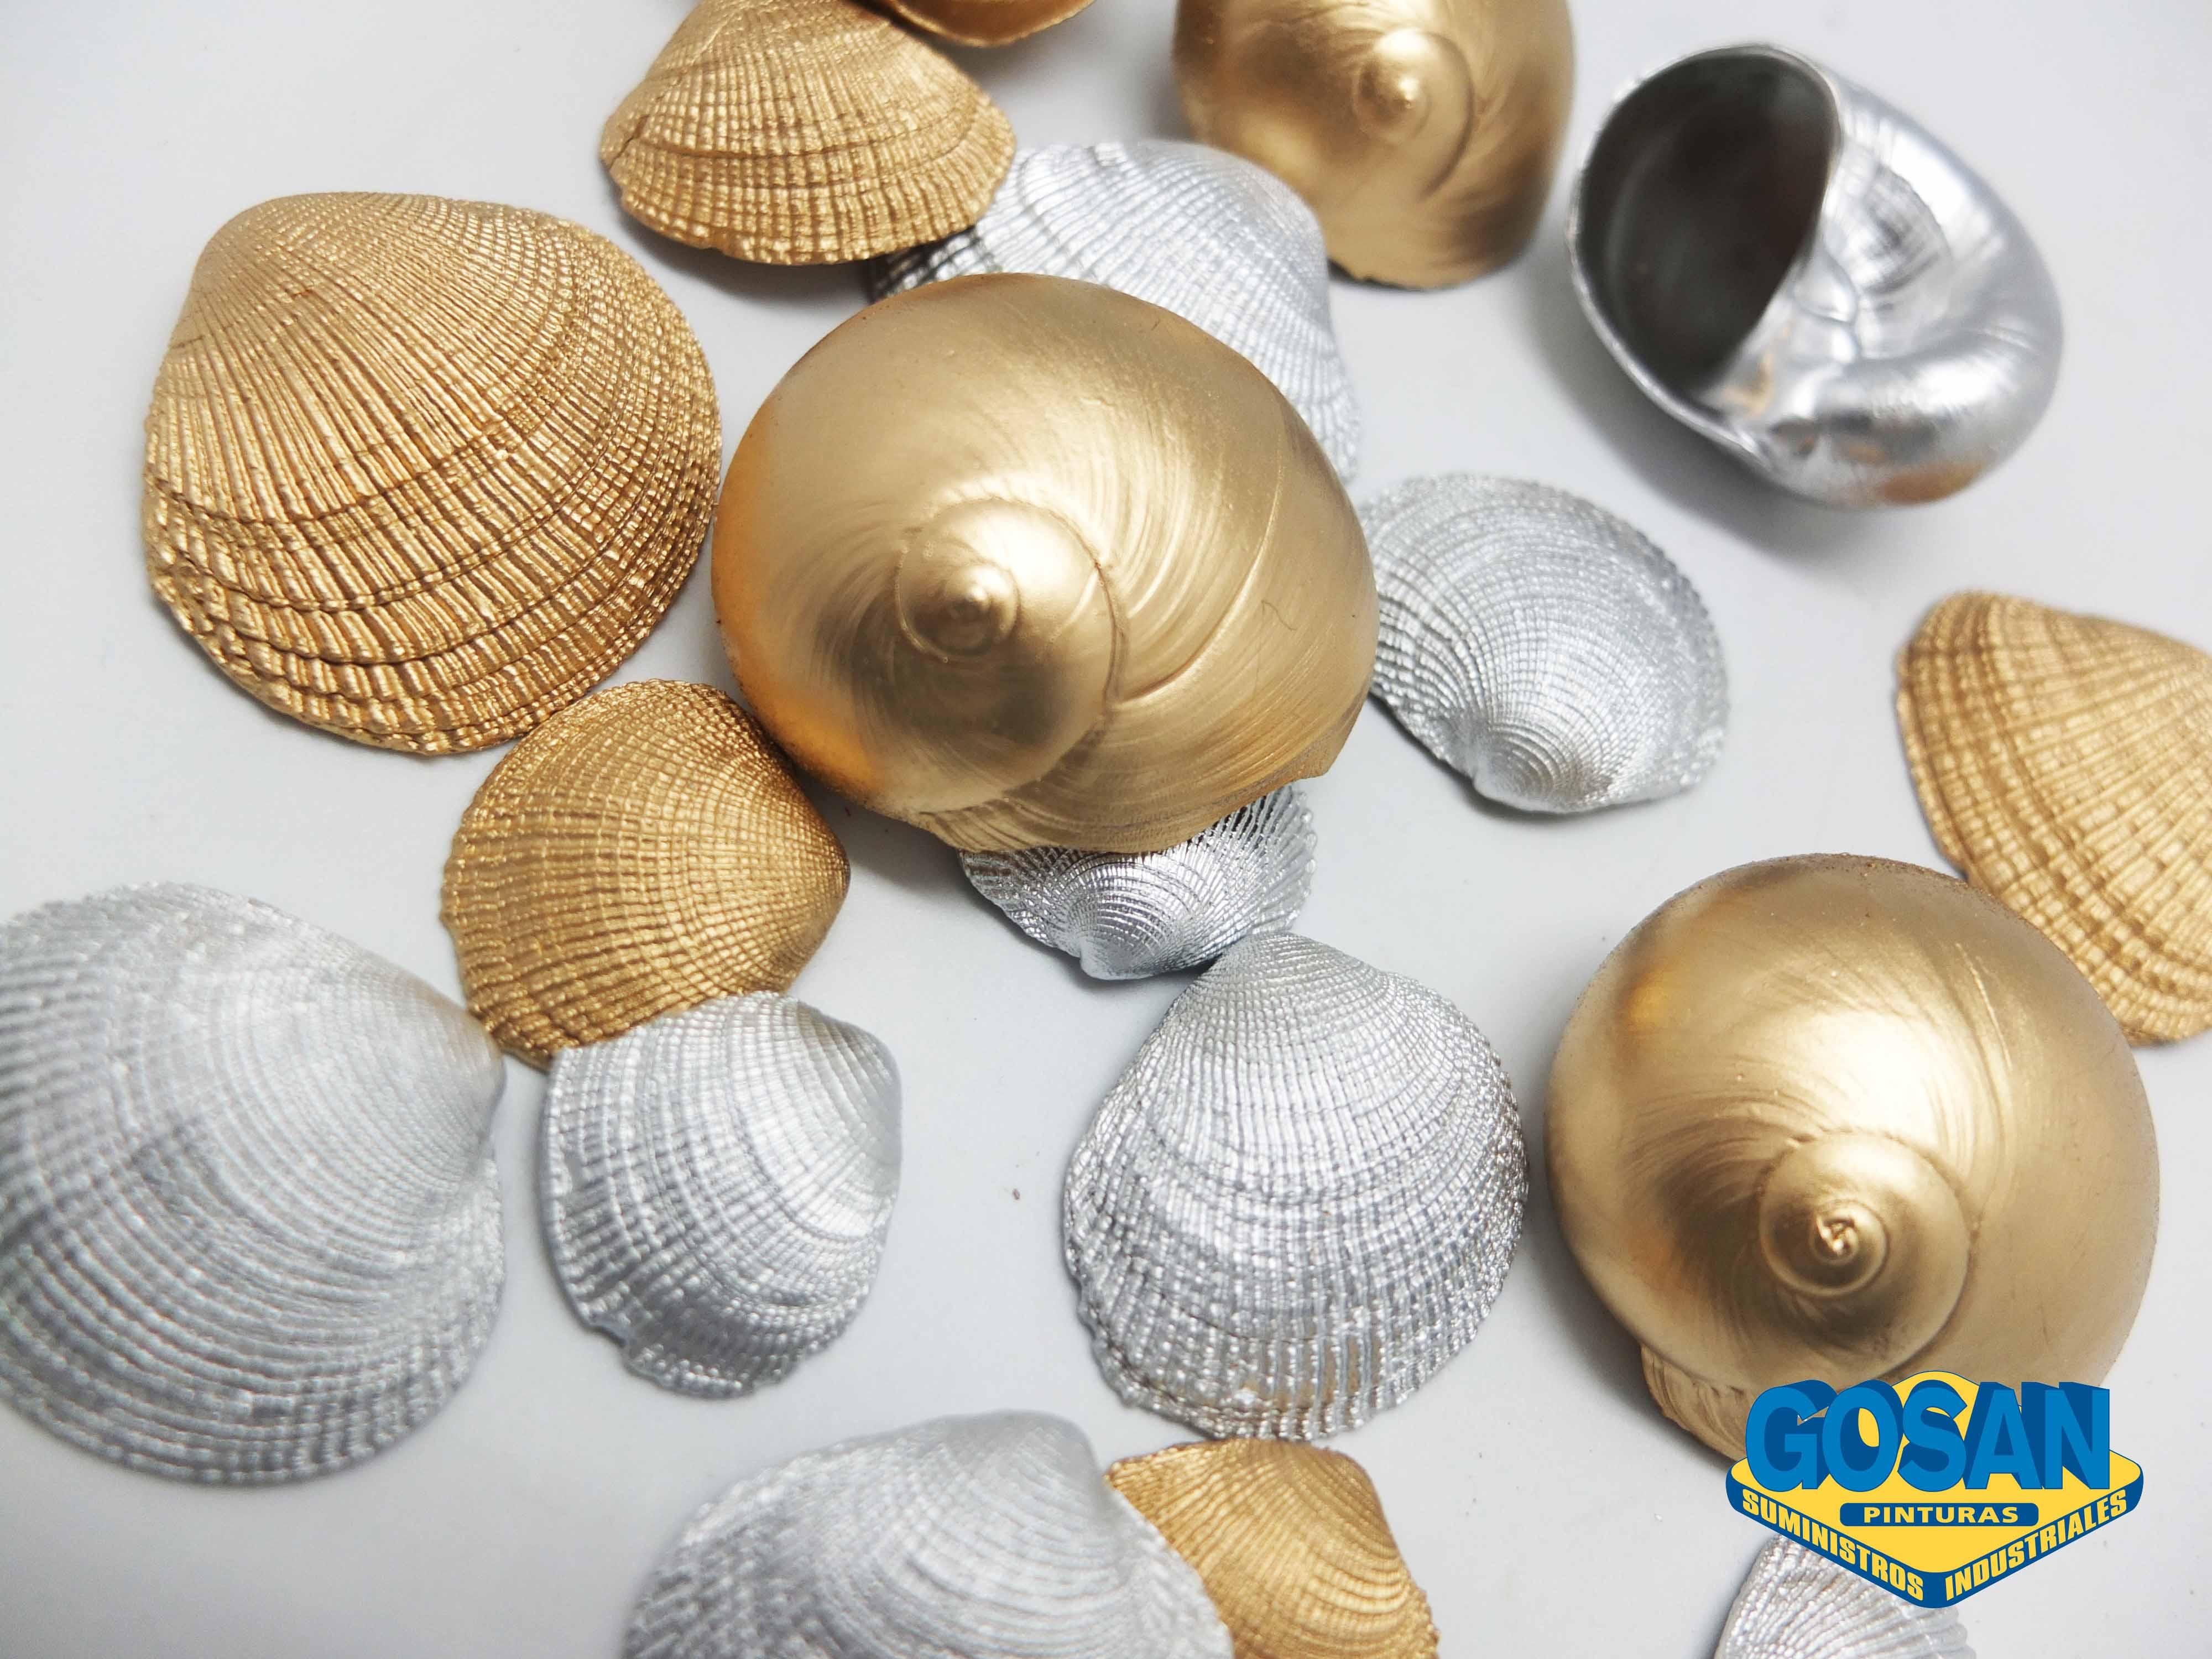 Pintar conchas de mar | Pinturas Coche, Interiores y Manualidades